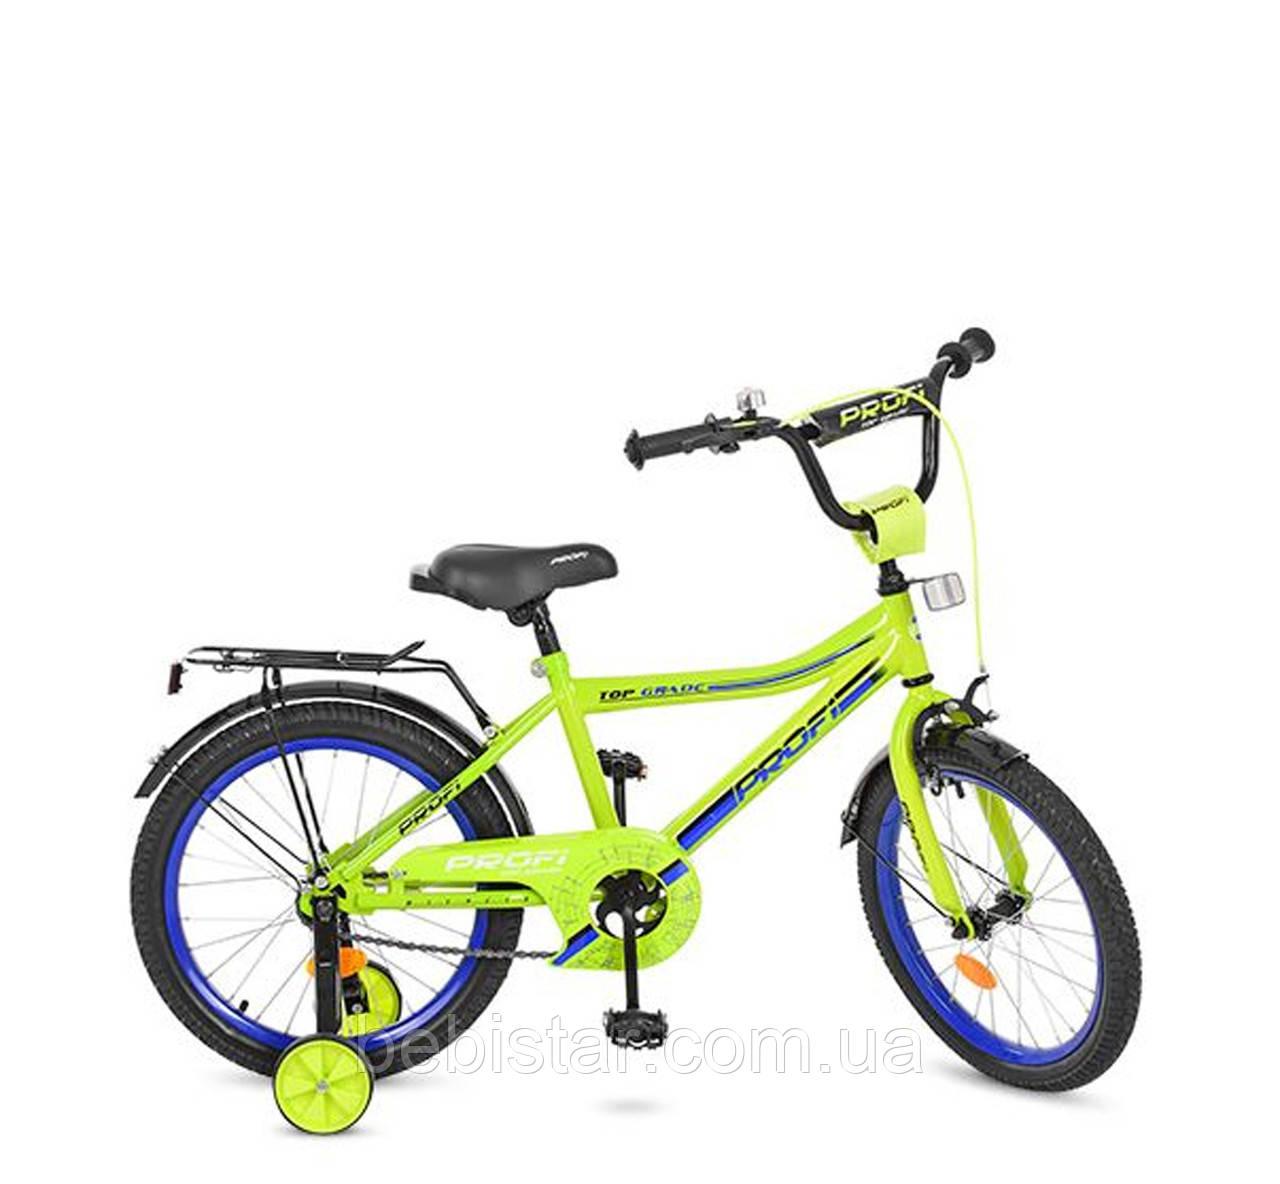 Двухколесный велосипед PROF1 18  детям 5-7 лет цвет салатовый